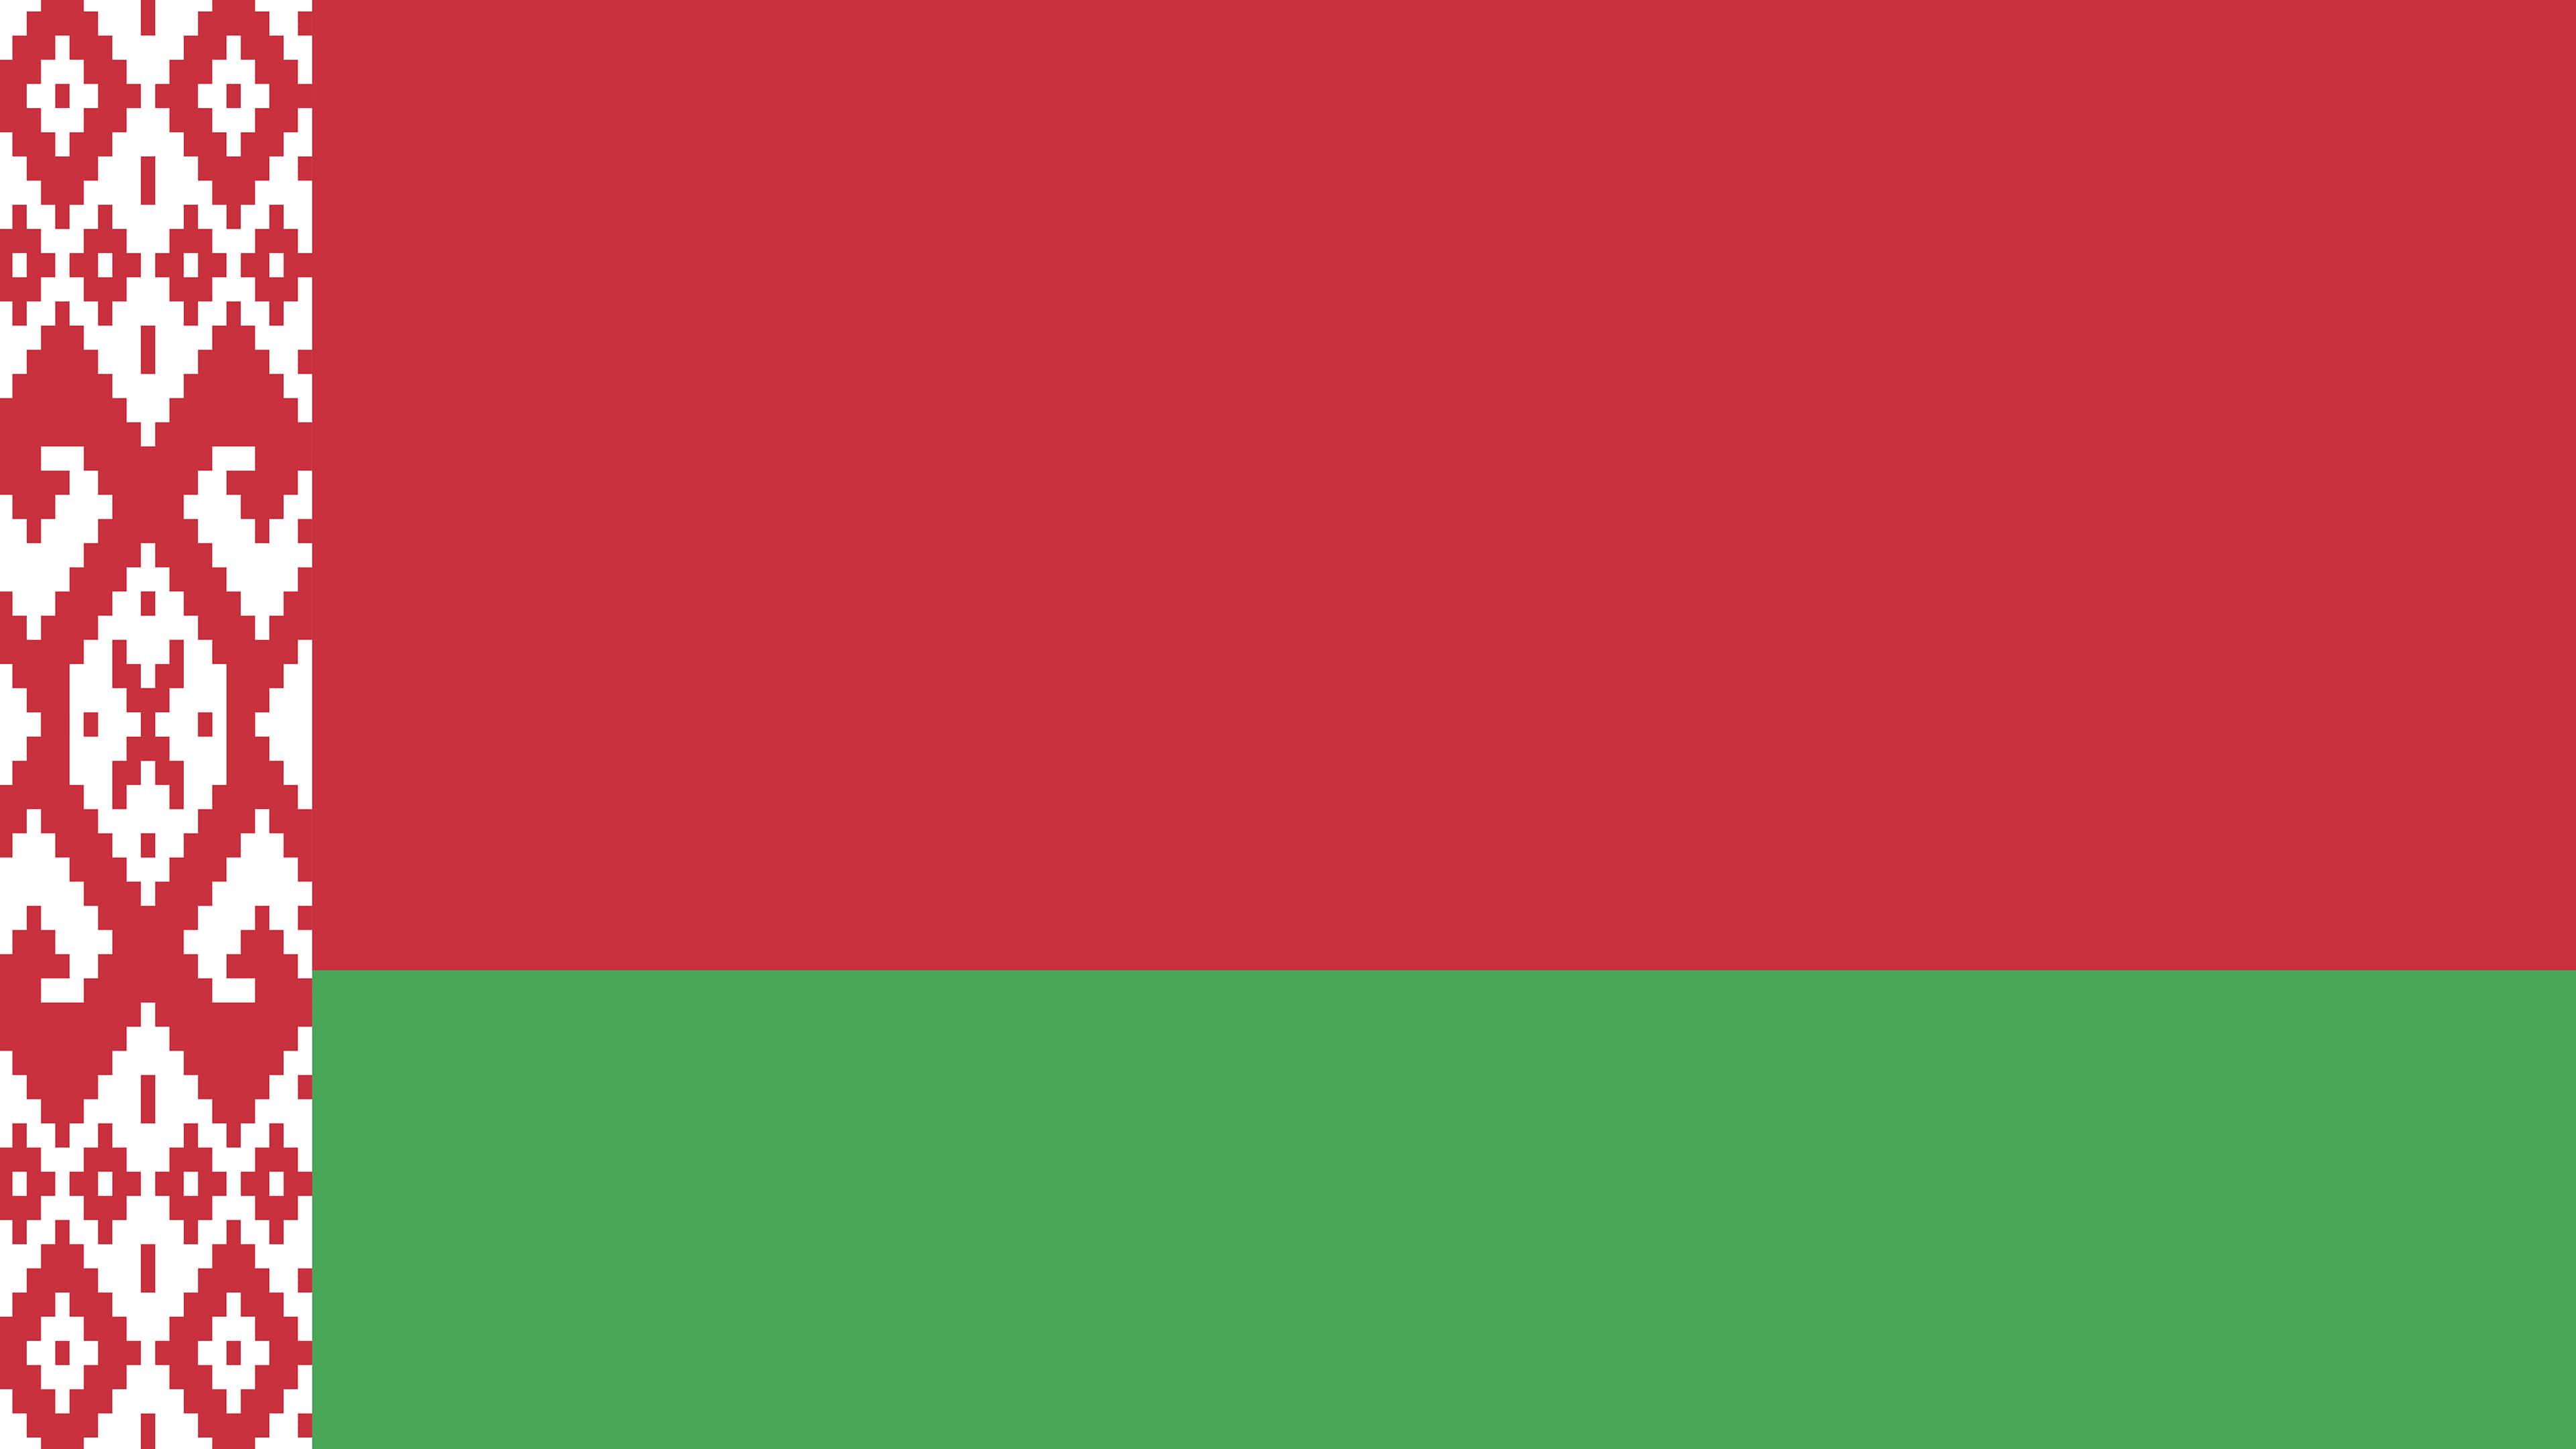 belarus flag uhd 4k wallpaper